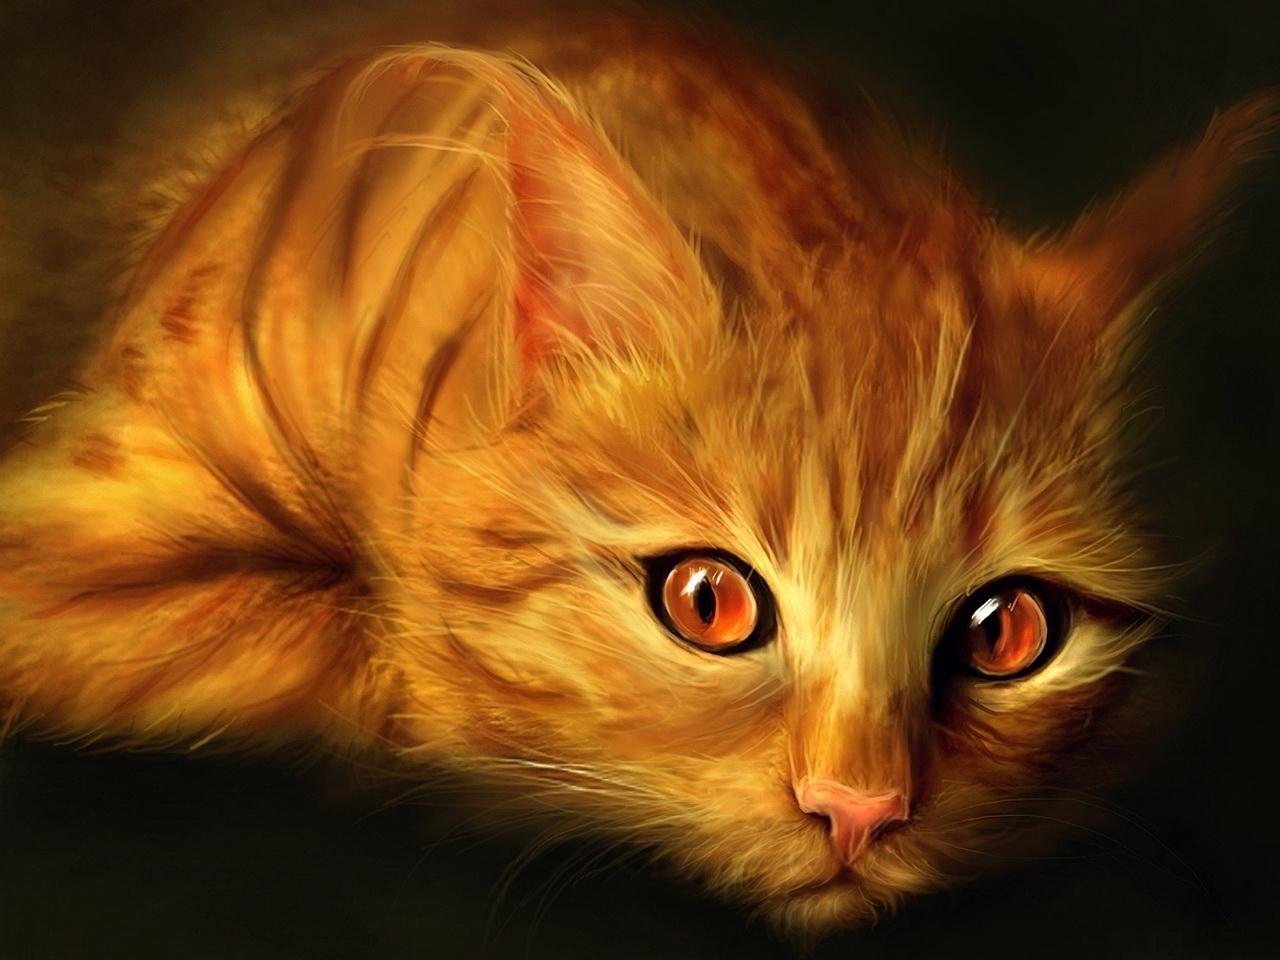 29657 скачать обои Животные, Кошки (Коты, Котики), Рисунки - заставки и картинки бесплатно